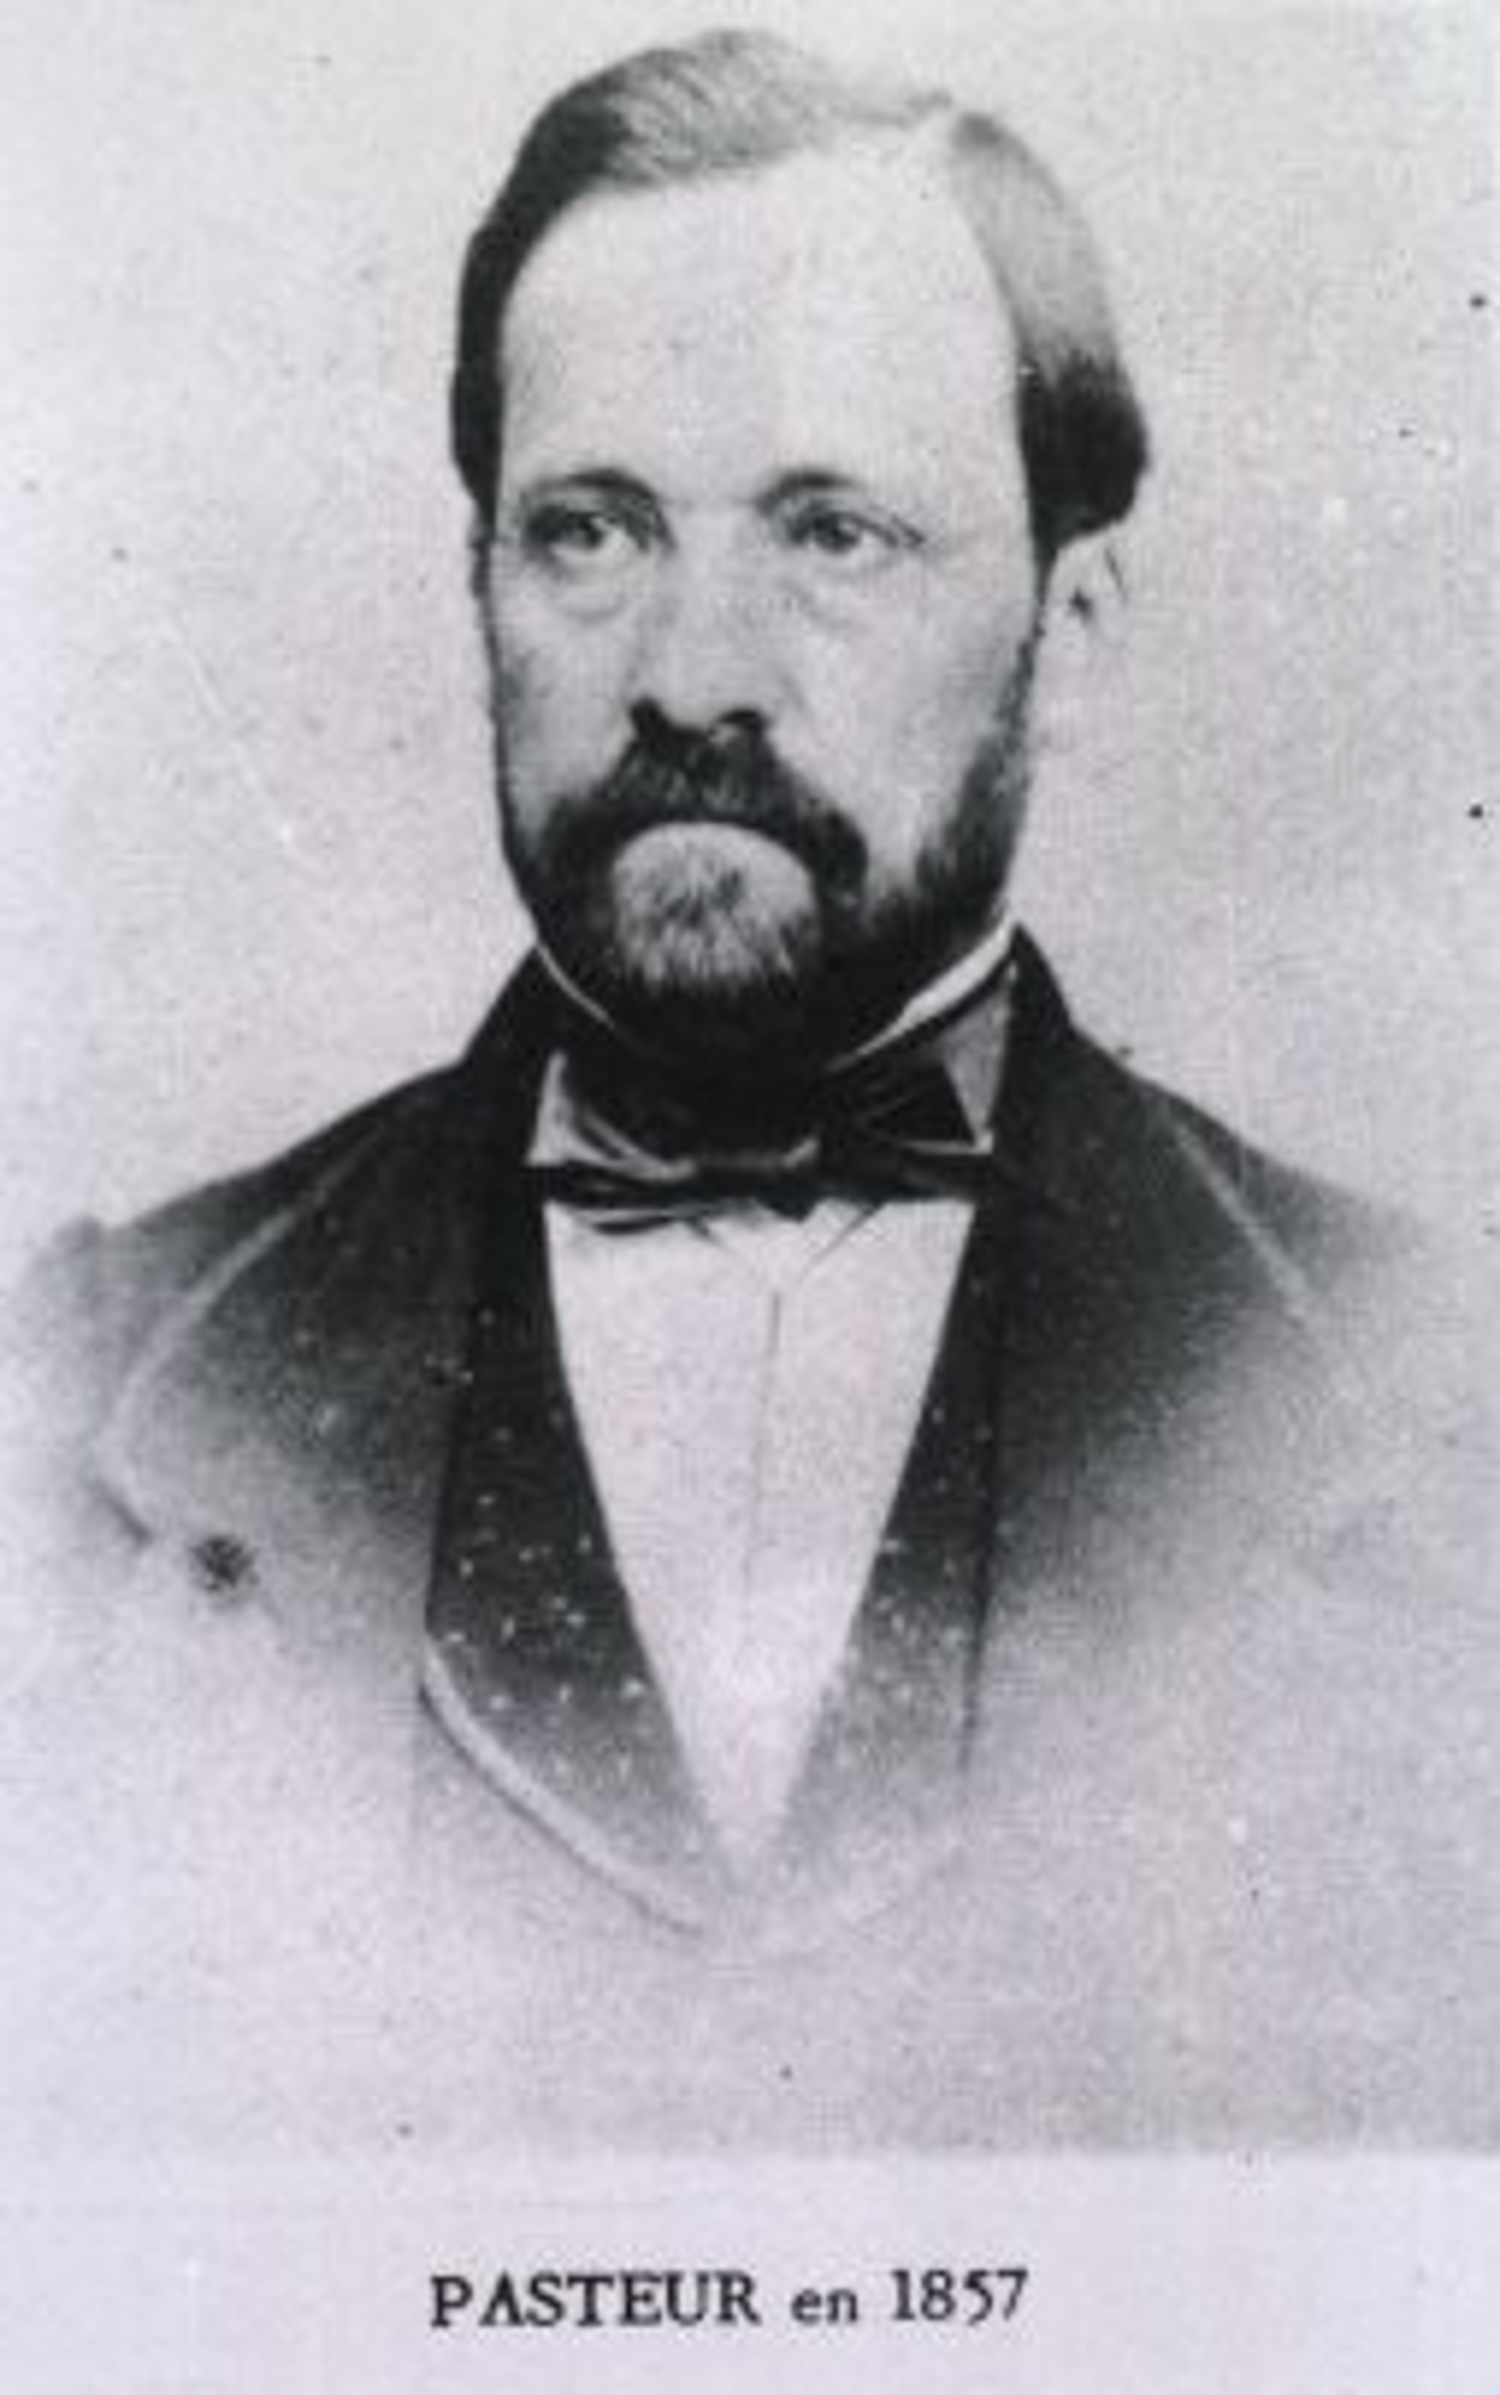 Louis Pasteur en 1857.jpg